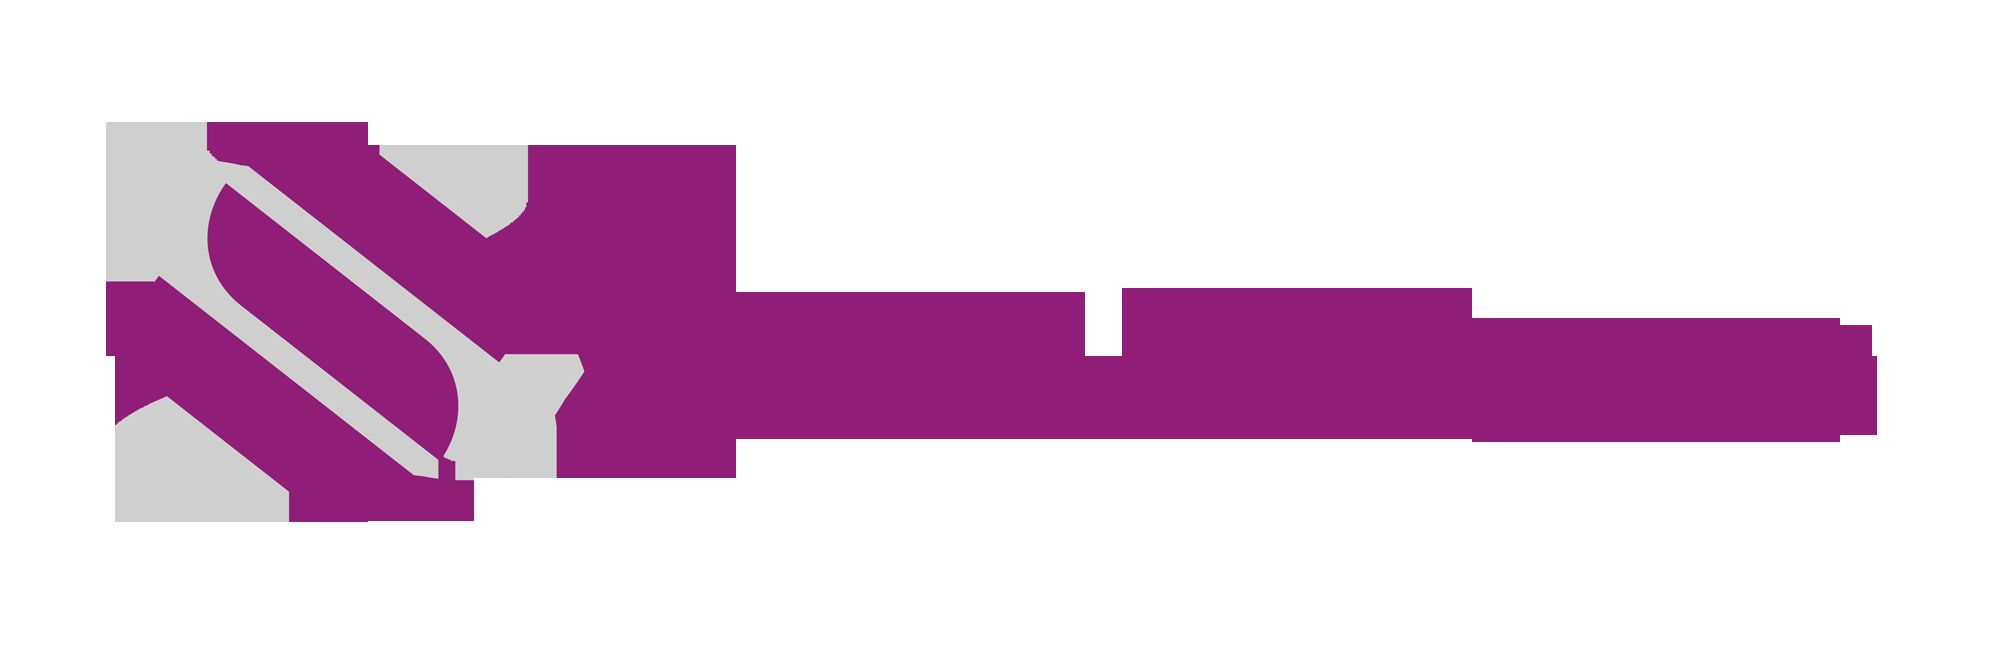 Логотип для Информационно-выставочного агентства - дизайнер Swedenski